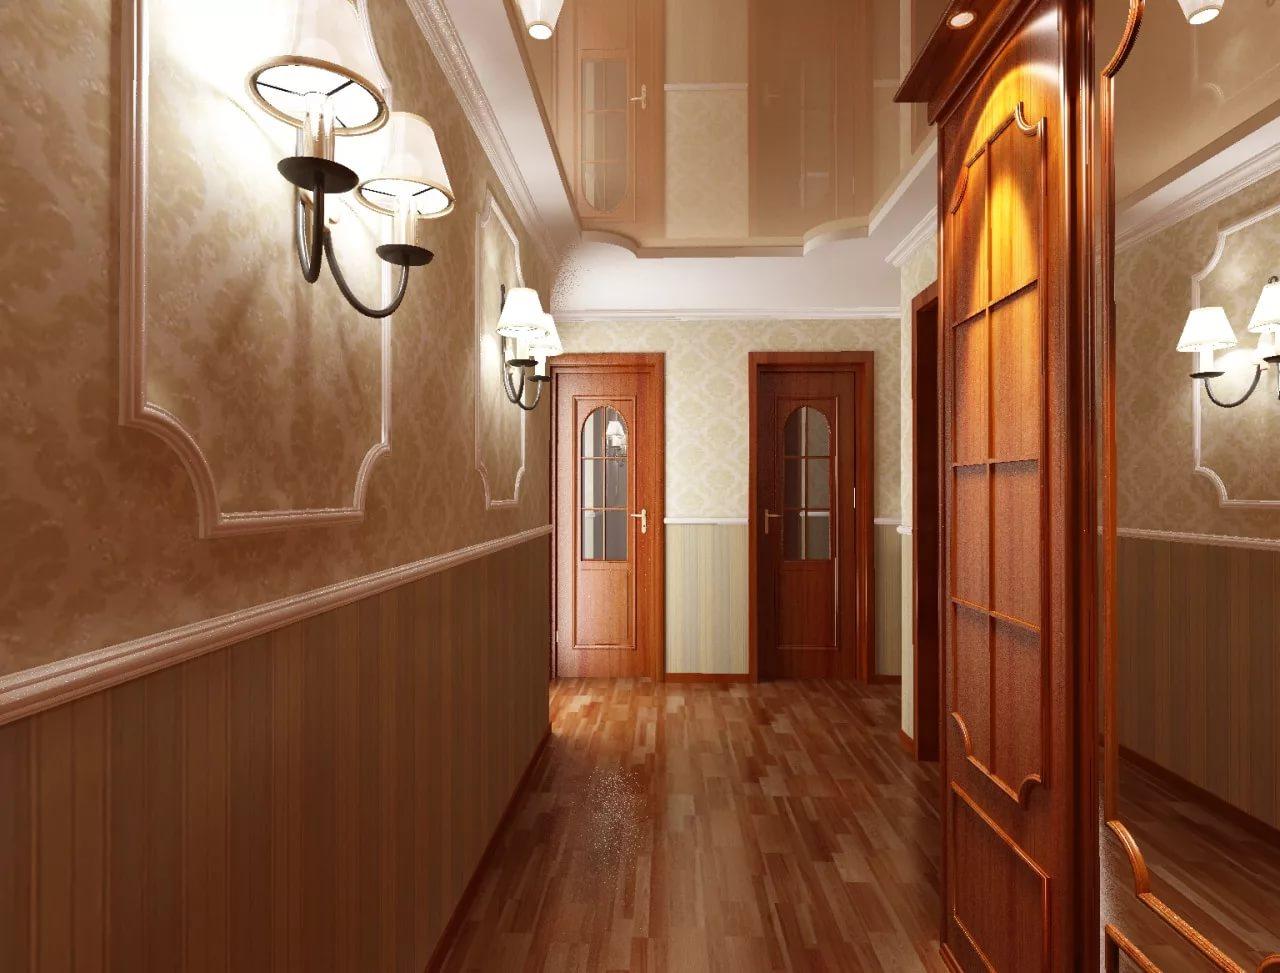 панели пвх в интерьере коридора